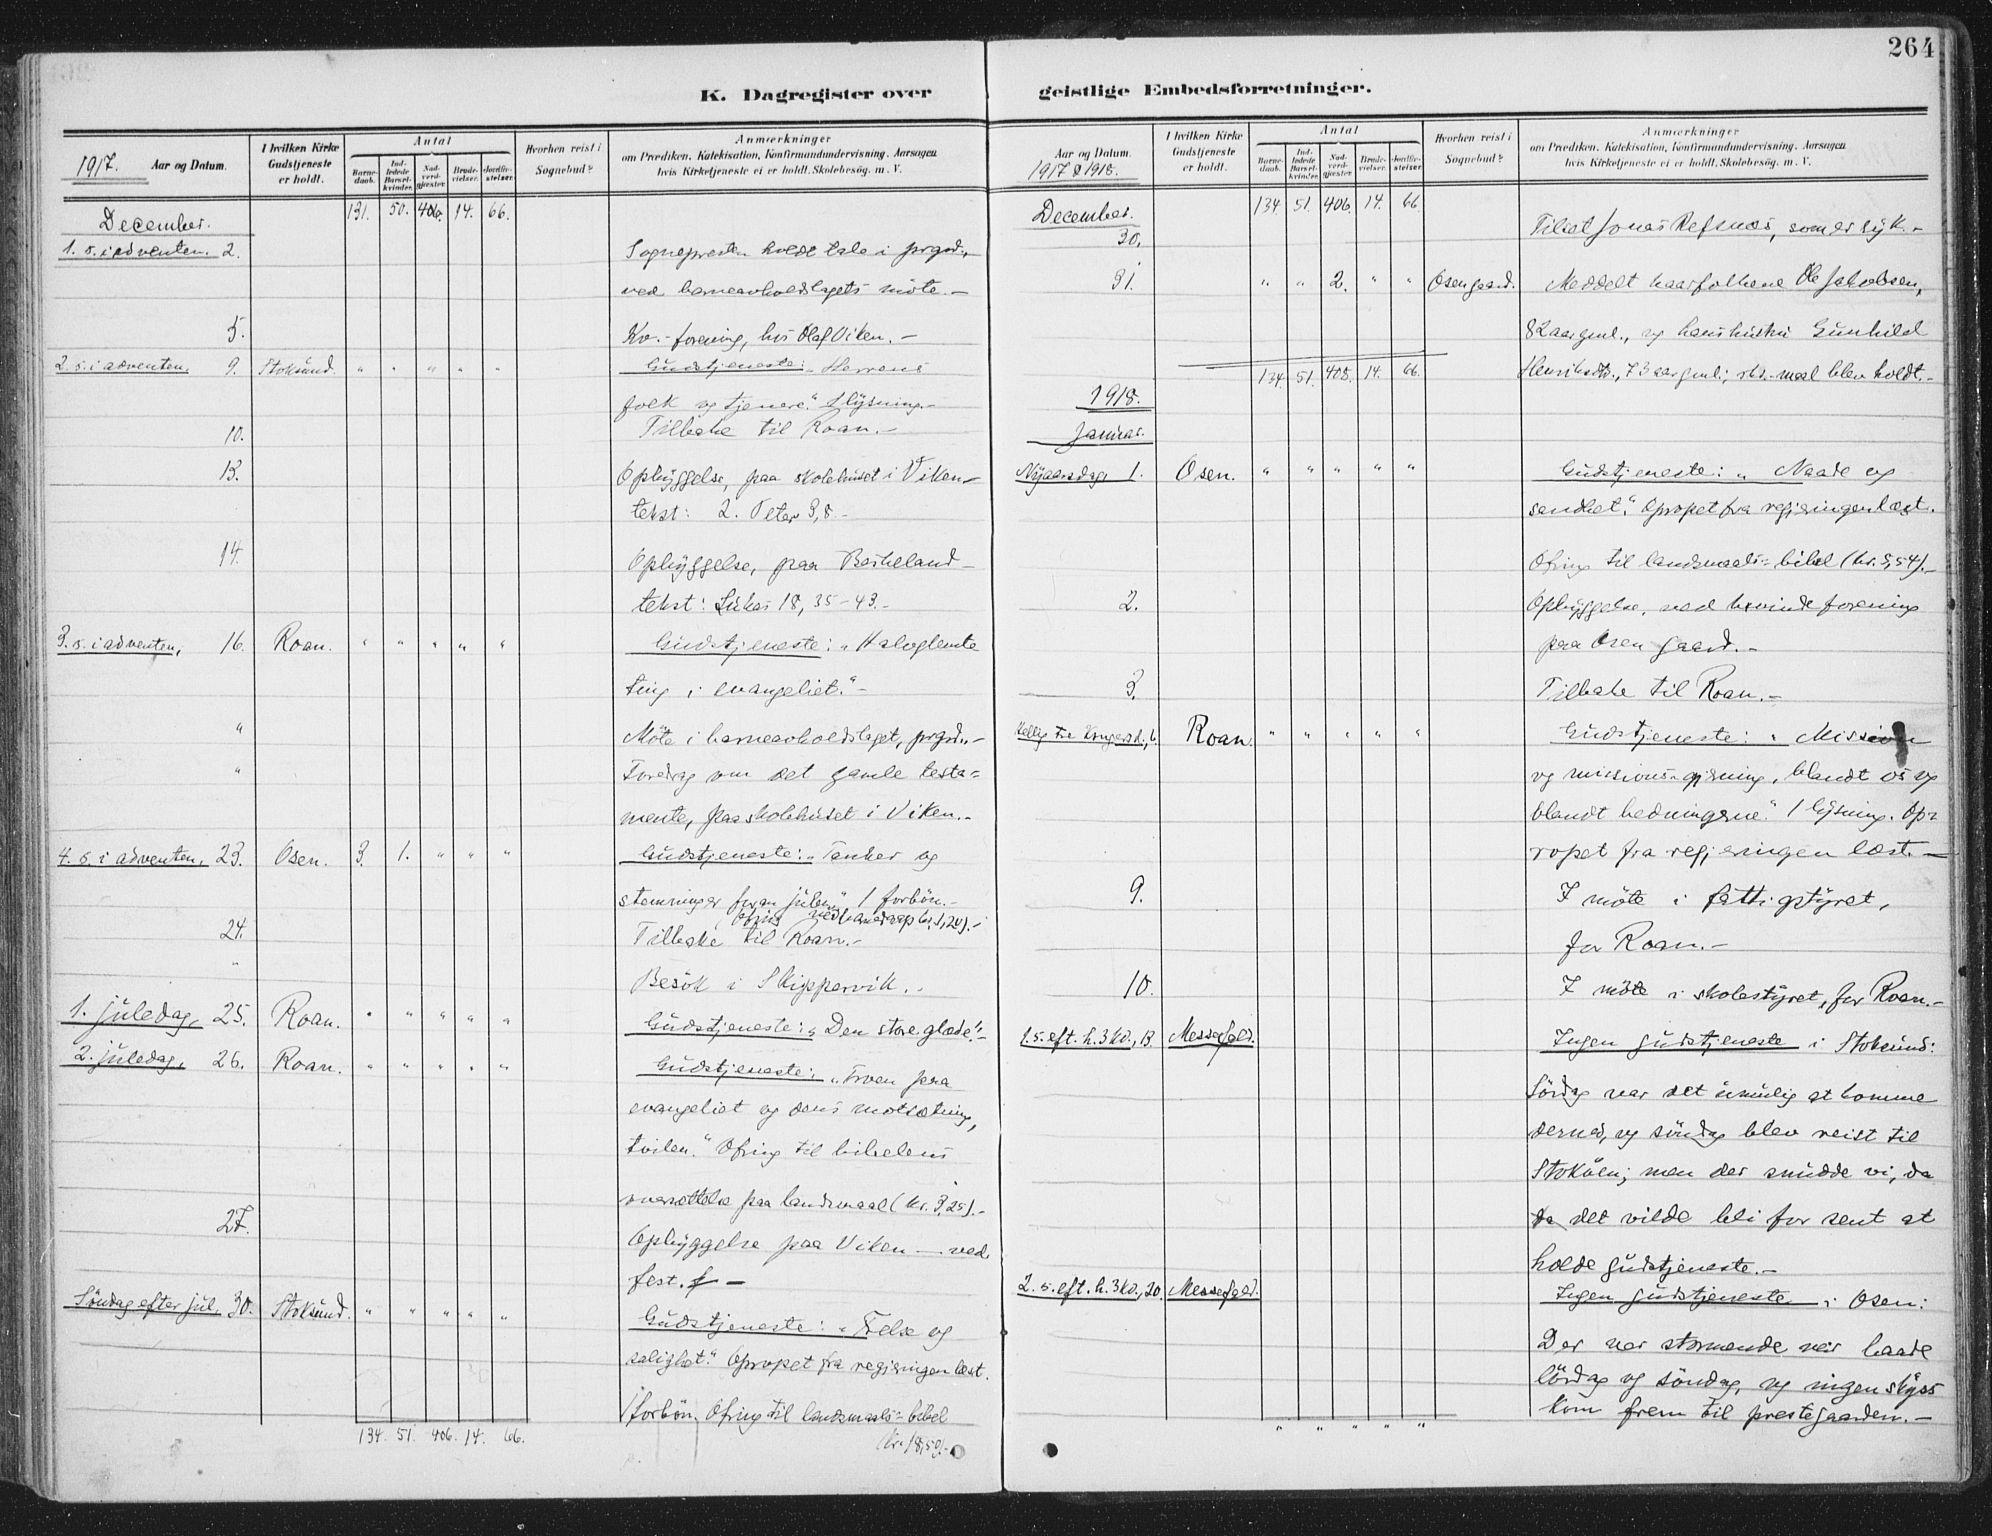 SAT, Ministerialprotokoller, klokkerbøker og fødselsregistre - Sør-Trøndelag, 657/L0709: Ministerialbok nr. 657A10, 1905-1919, s. 264